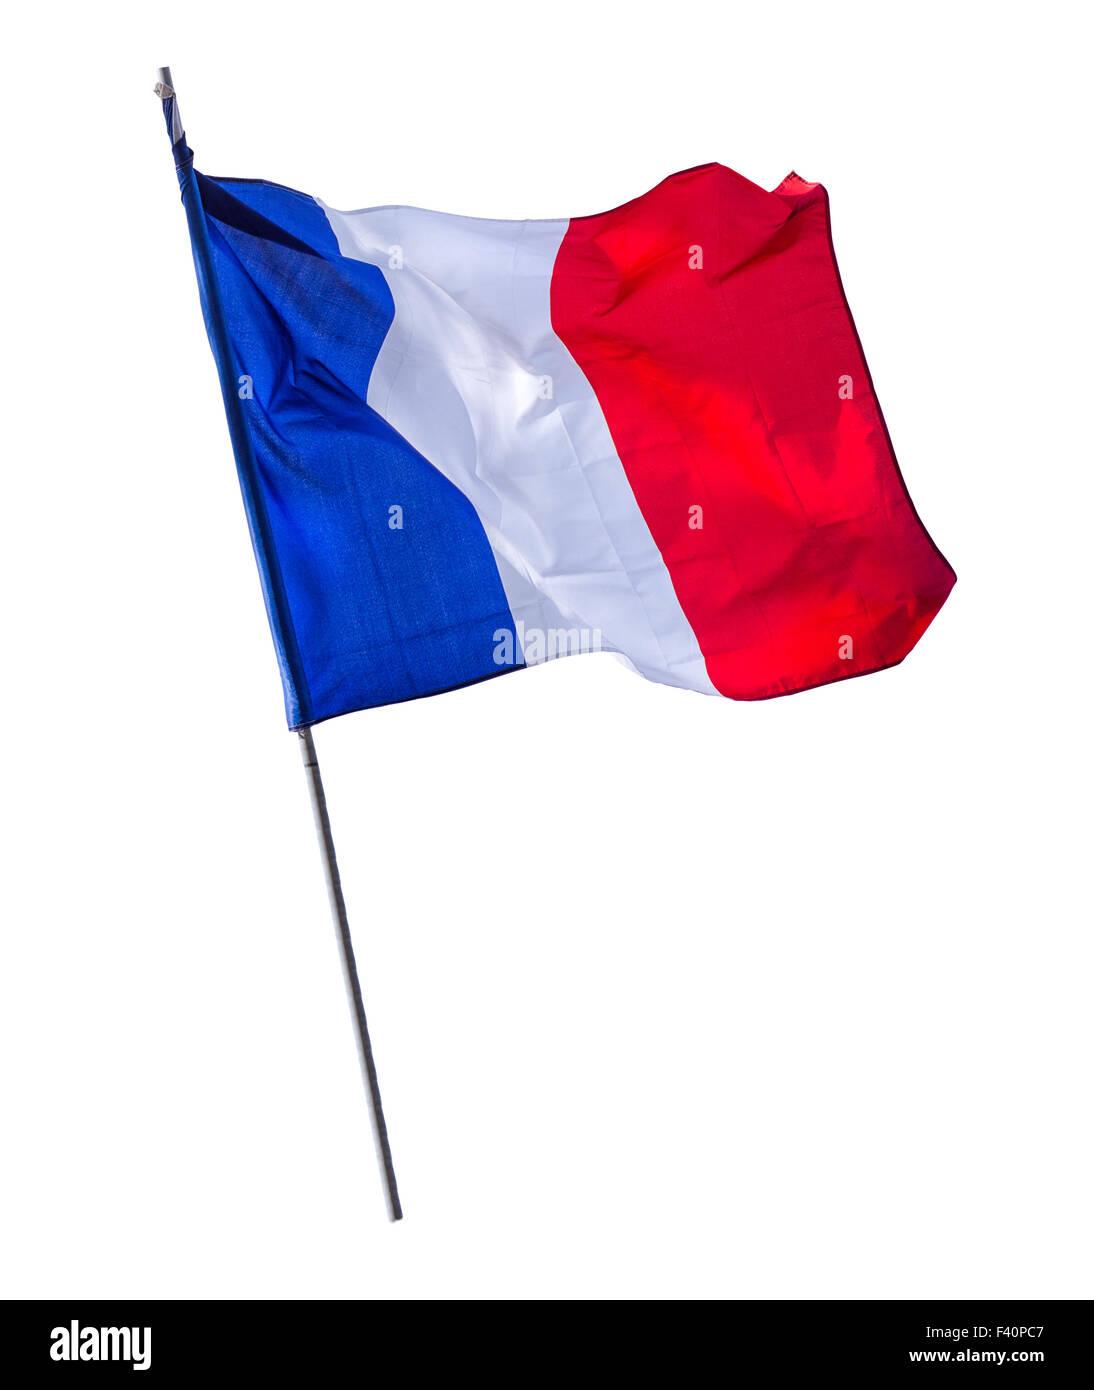 Isolated French Flagpole - Stock Image